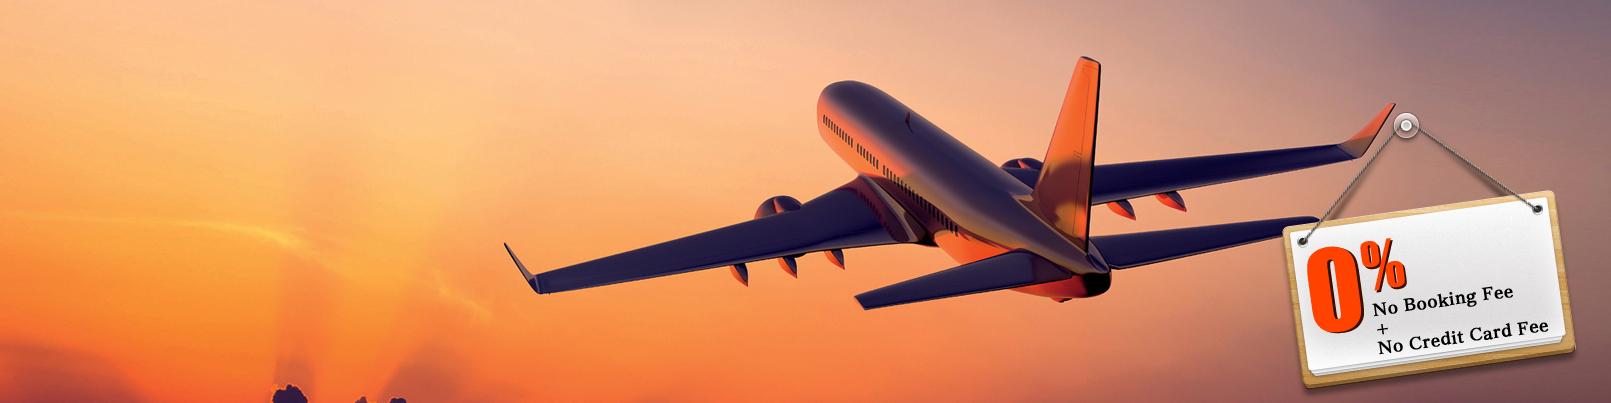 flight_banner